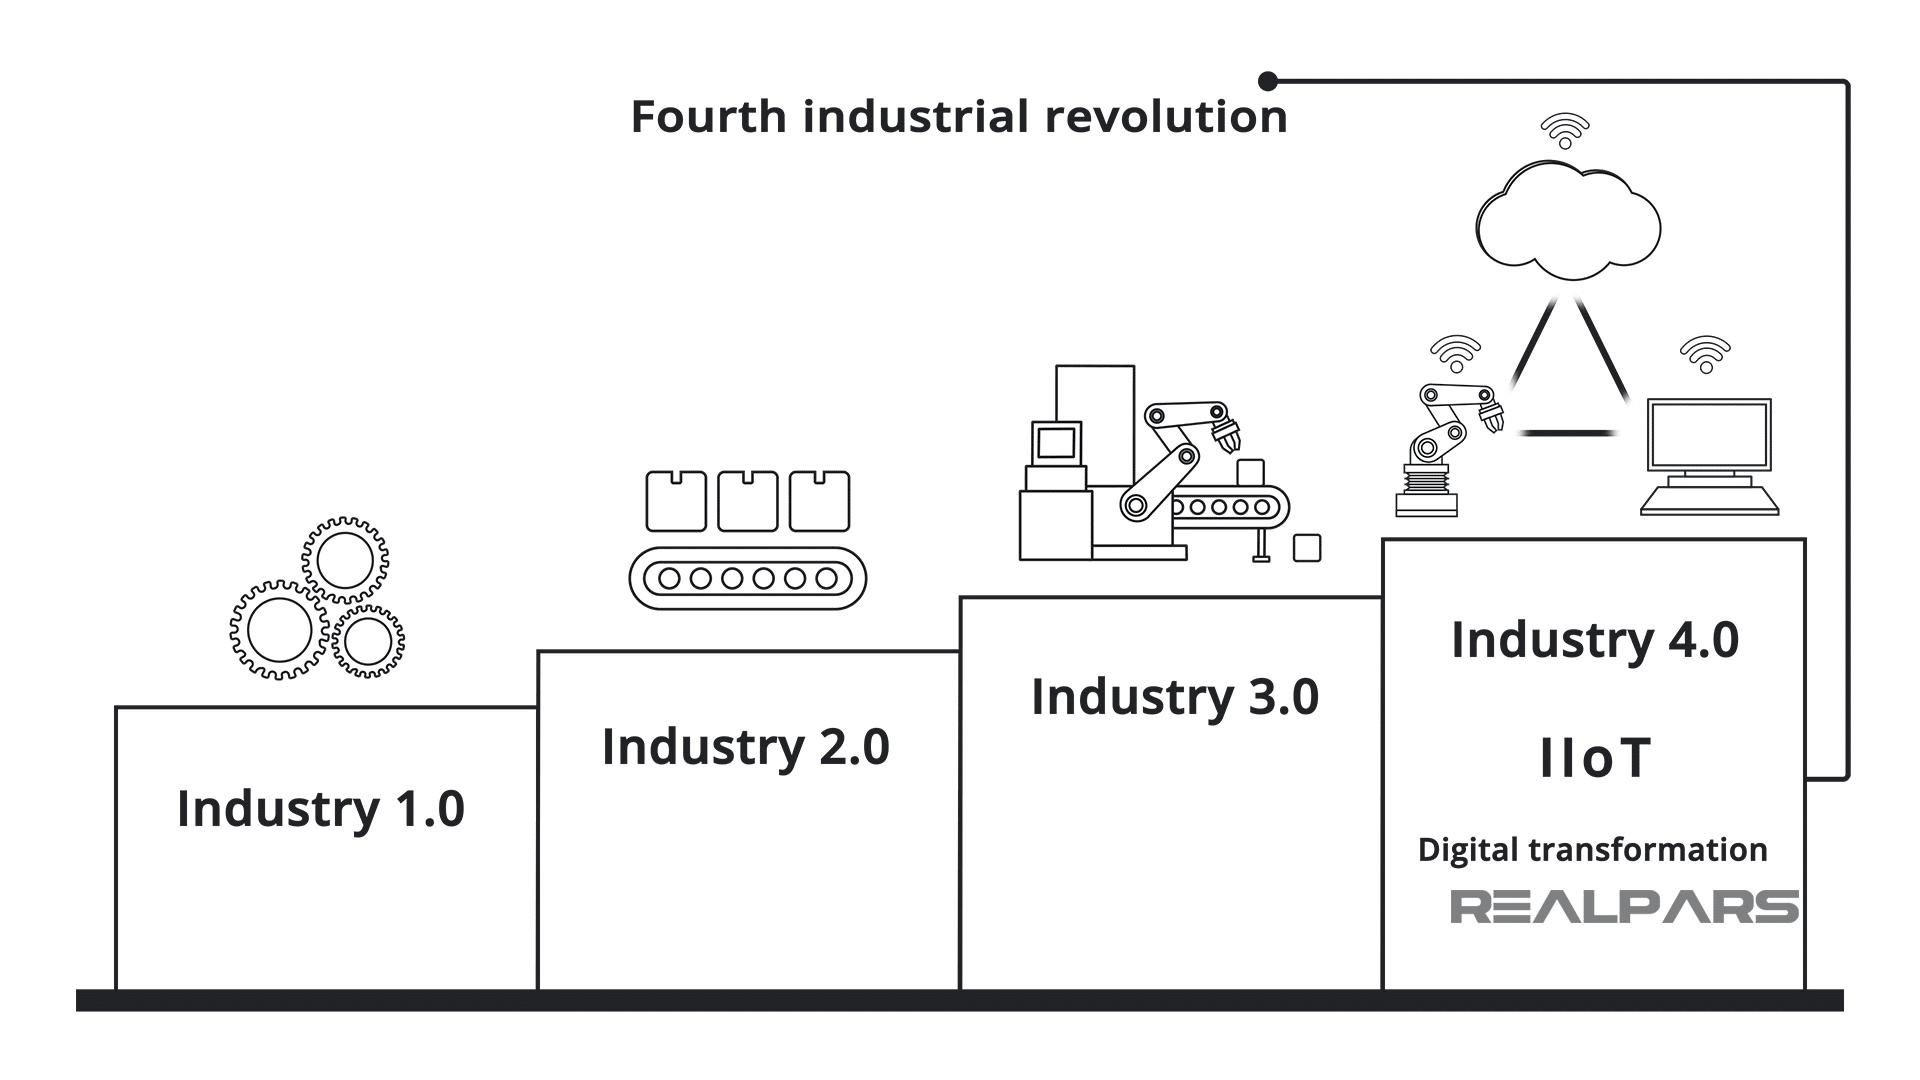 Quá trình phát triển công nghiệp